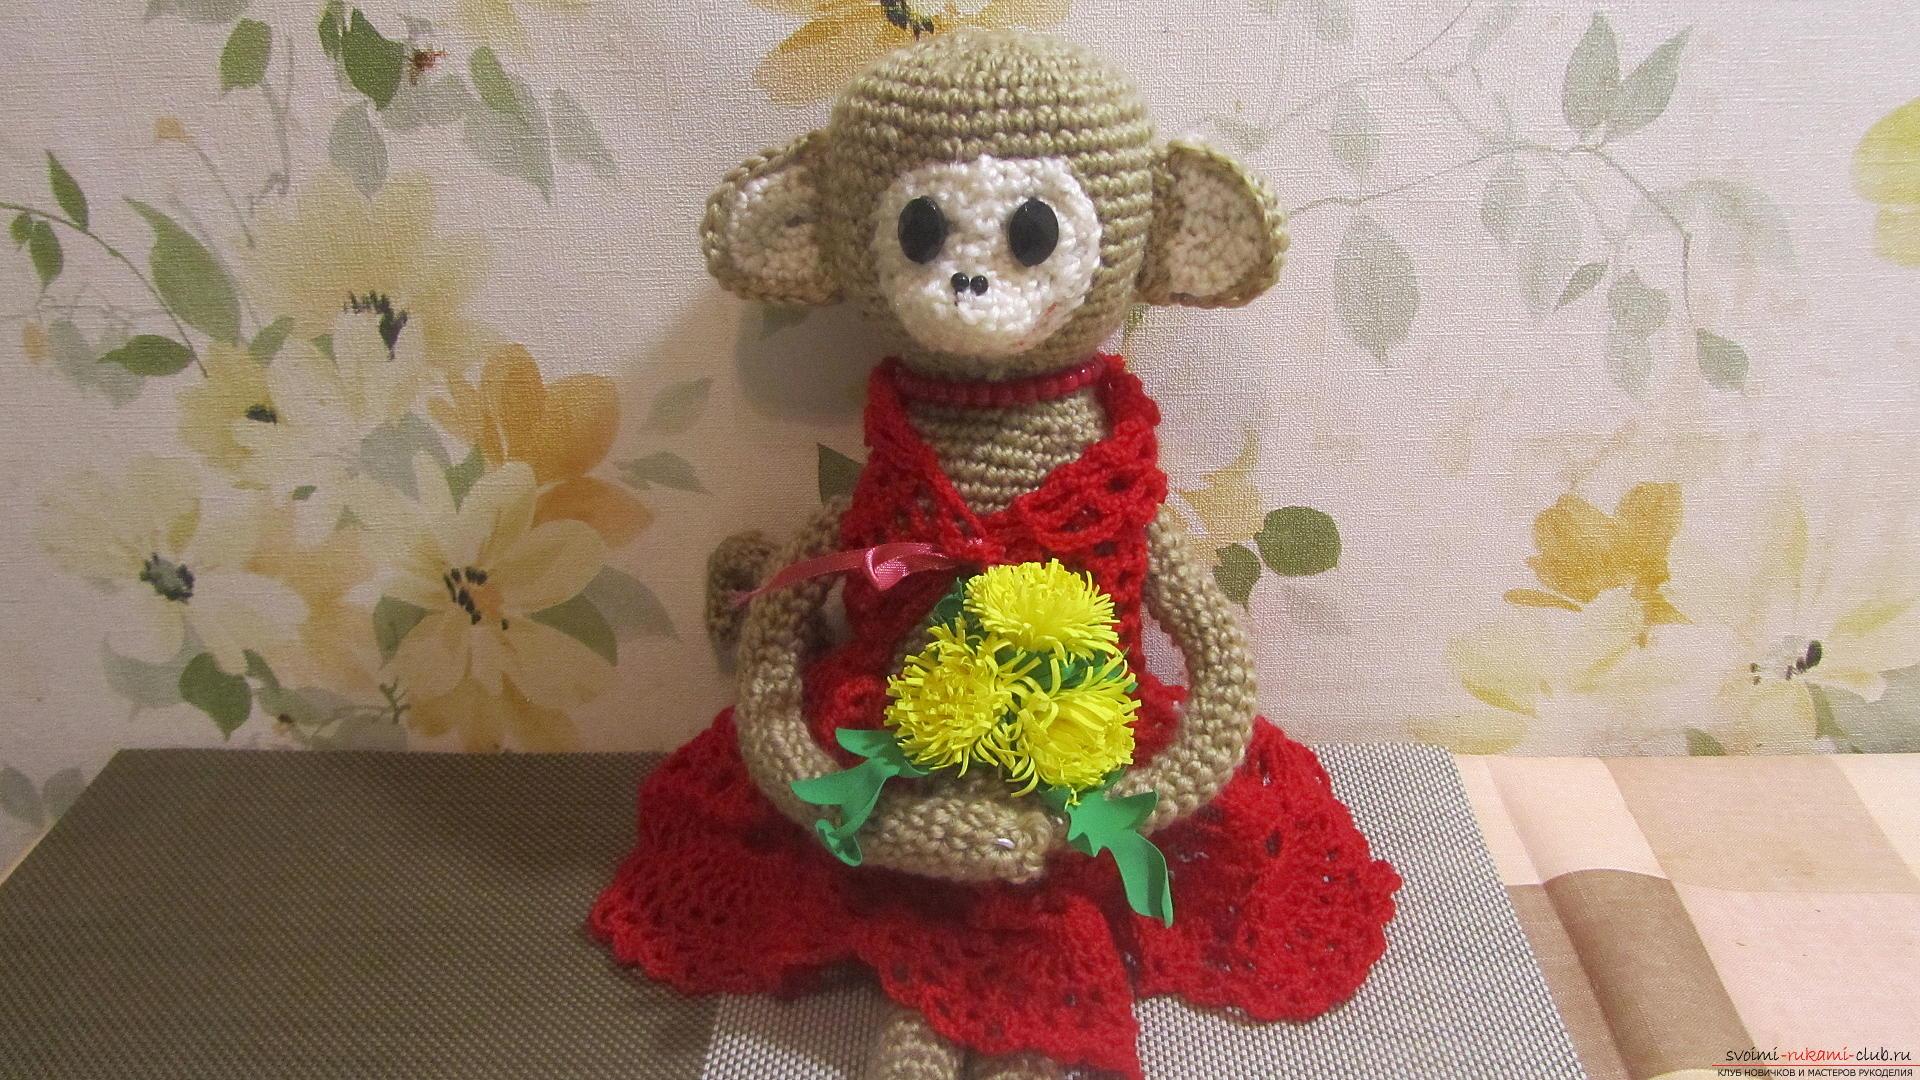 Одежду для мягких игрушек можно <i>связать</i> связать крючком своими руками, будем одевать игрушечную обезьянку.. Фото №1